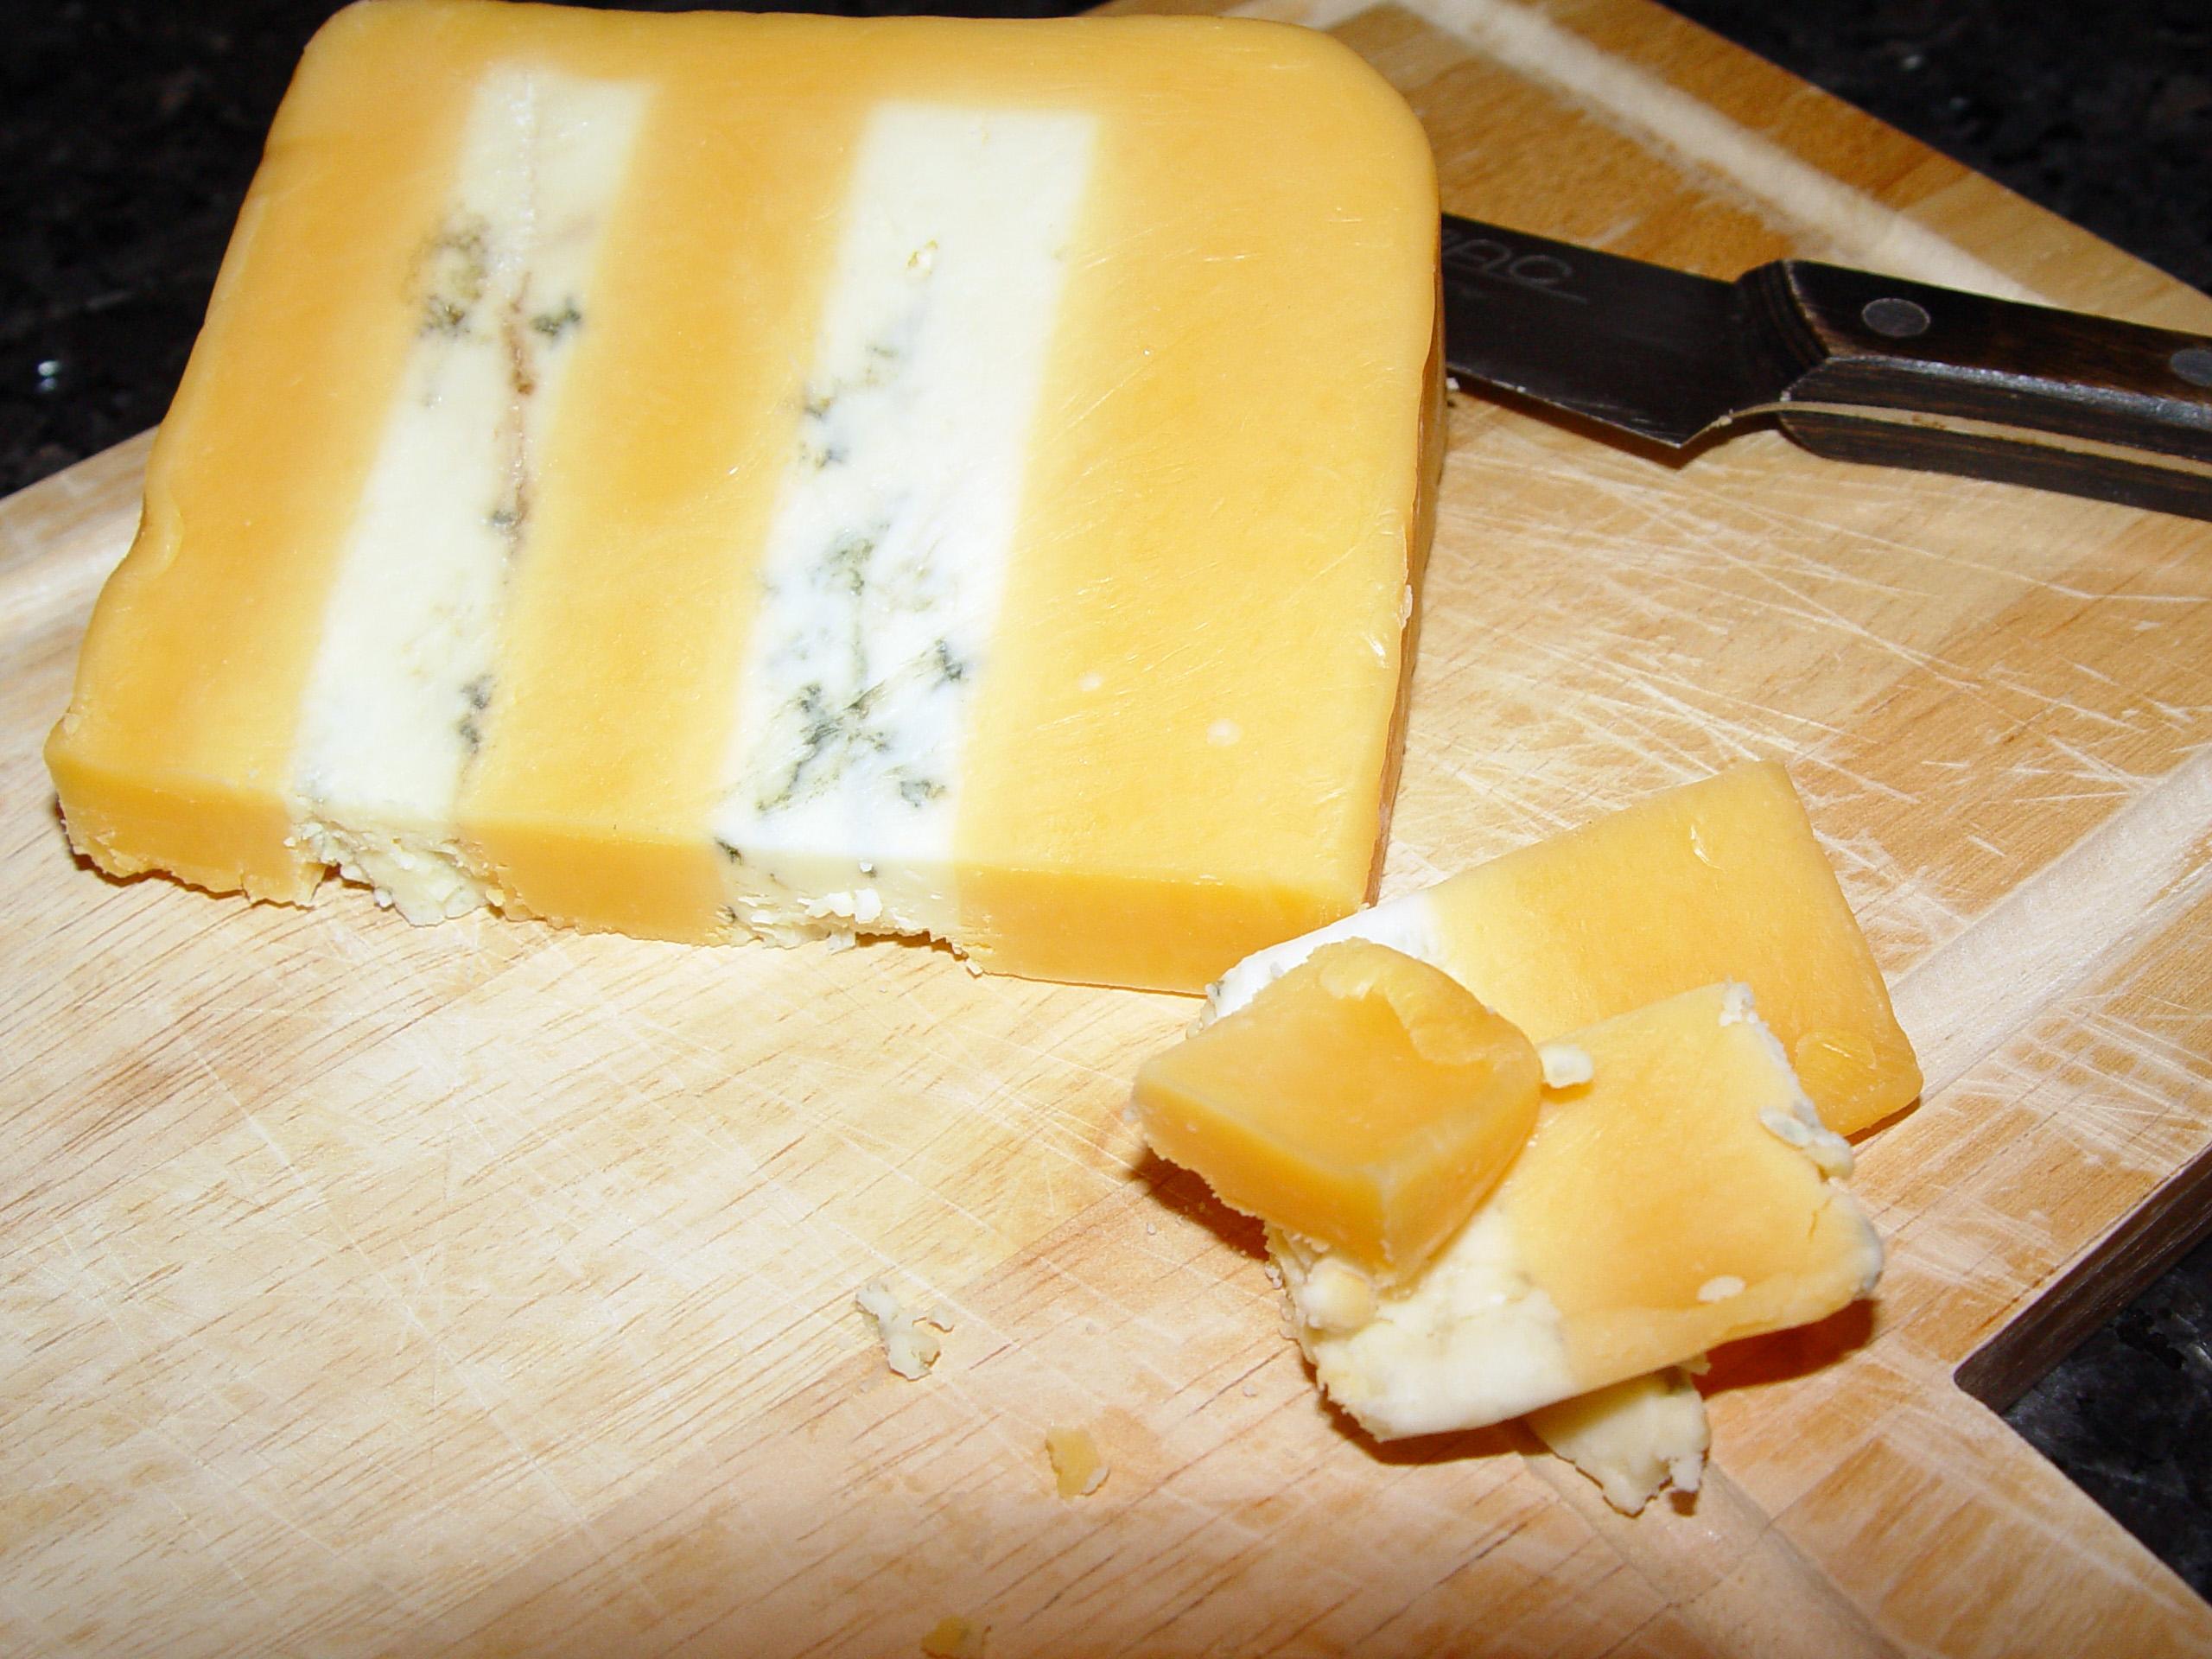 [Image: Huntsman_cheese.jpg]